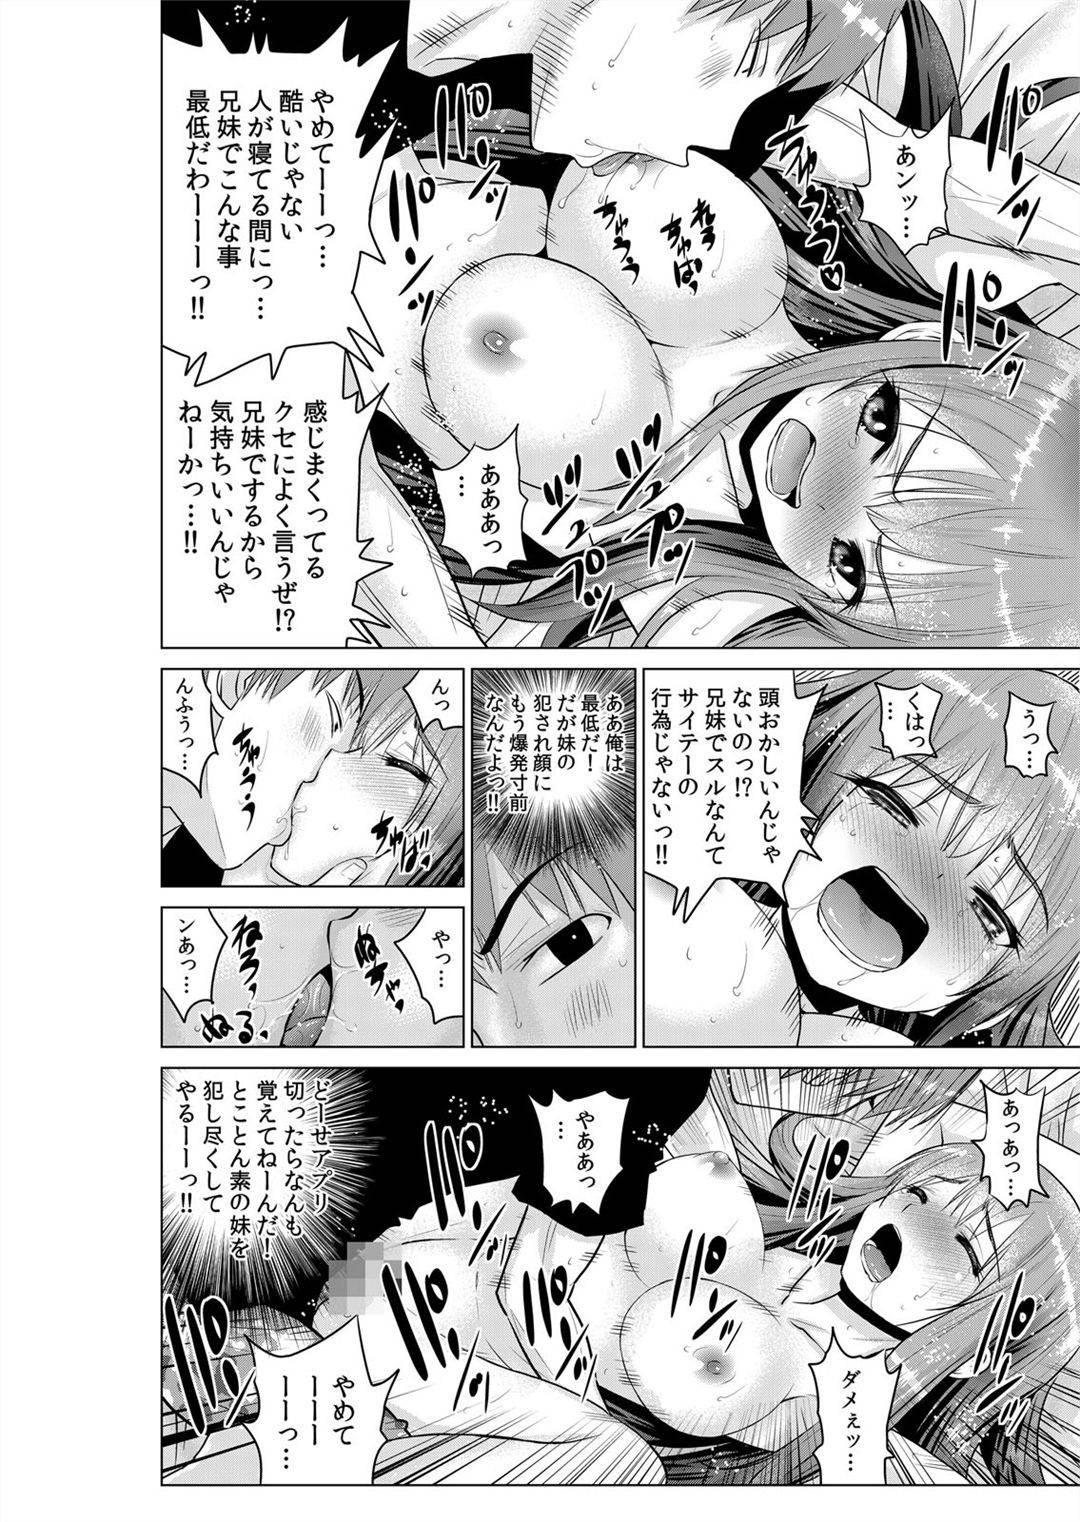 【エロ漫画】暇そうな兄に風呂上りにマッサージを頼む巨乳妹…バスタオル1枚で横になっていると兄のチンポが勃起していた!殴ろうとしたと同時にアプリで催眠をかけられその間にやりたい放題される妹の身体!さらには中出しセックスまで!【西川孔人】